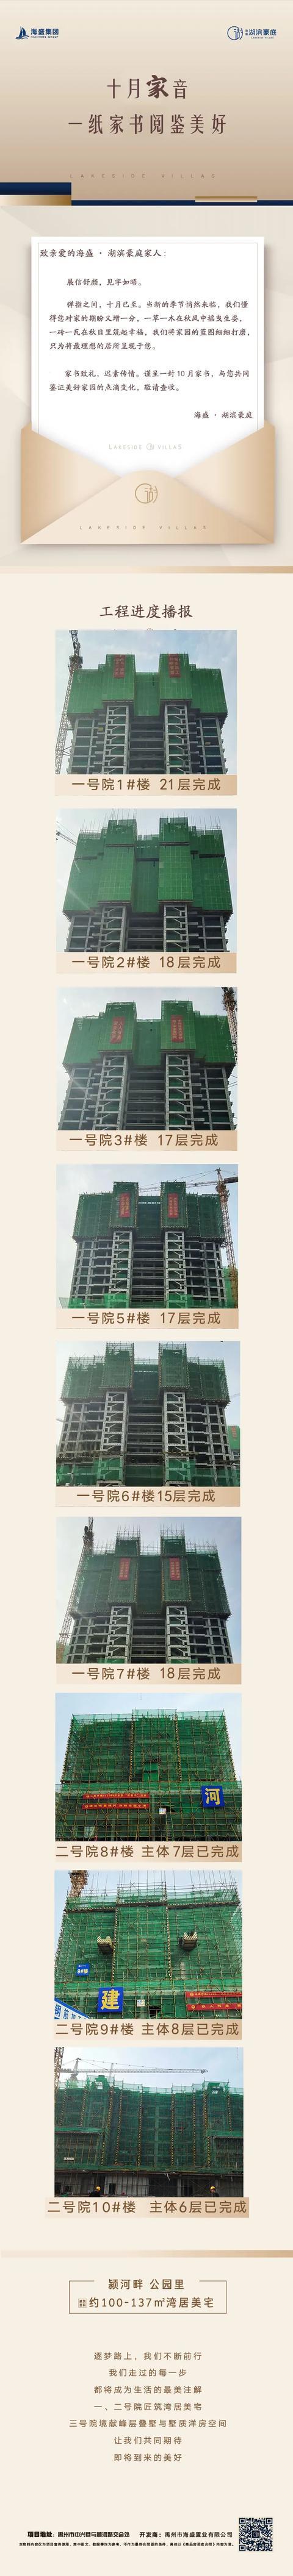 禹州海盛湖滨豪庭工程播报 十月家音,一纸家书阅鉴美好!